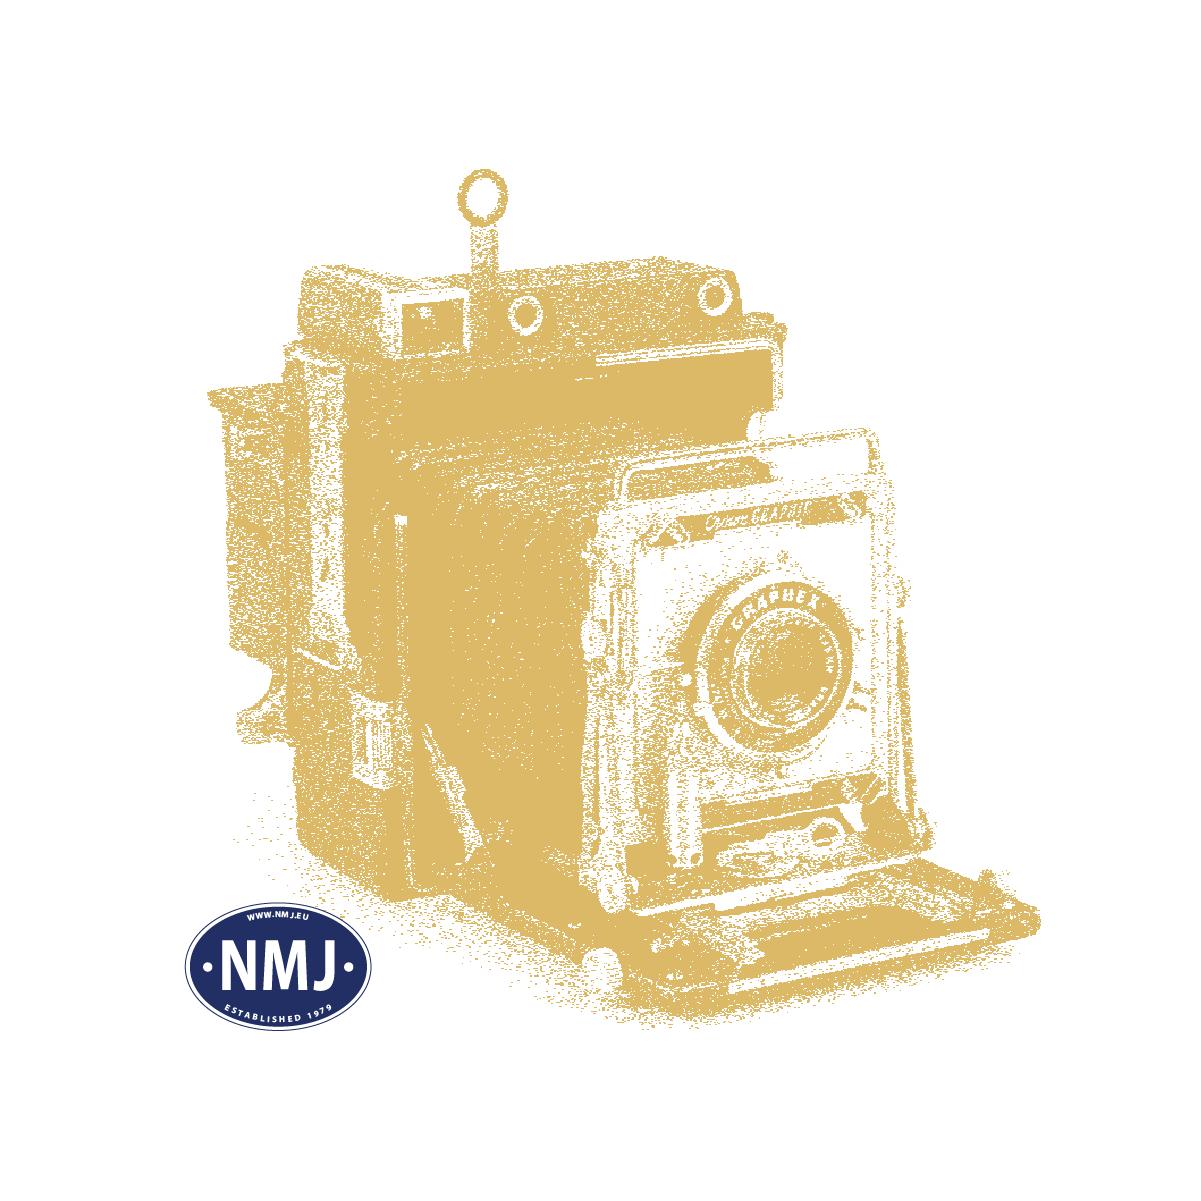 NMJS L4 50314 - NMJ Superline NSB L4 50314, m/ Bremseplattform